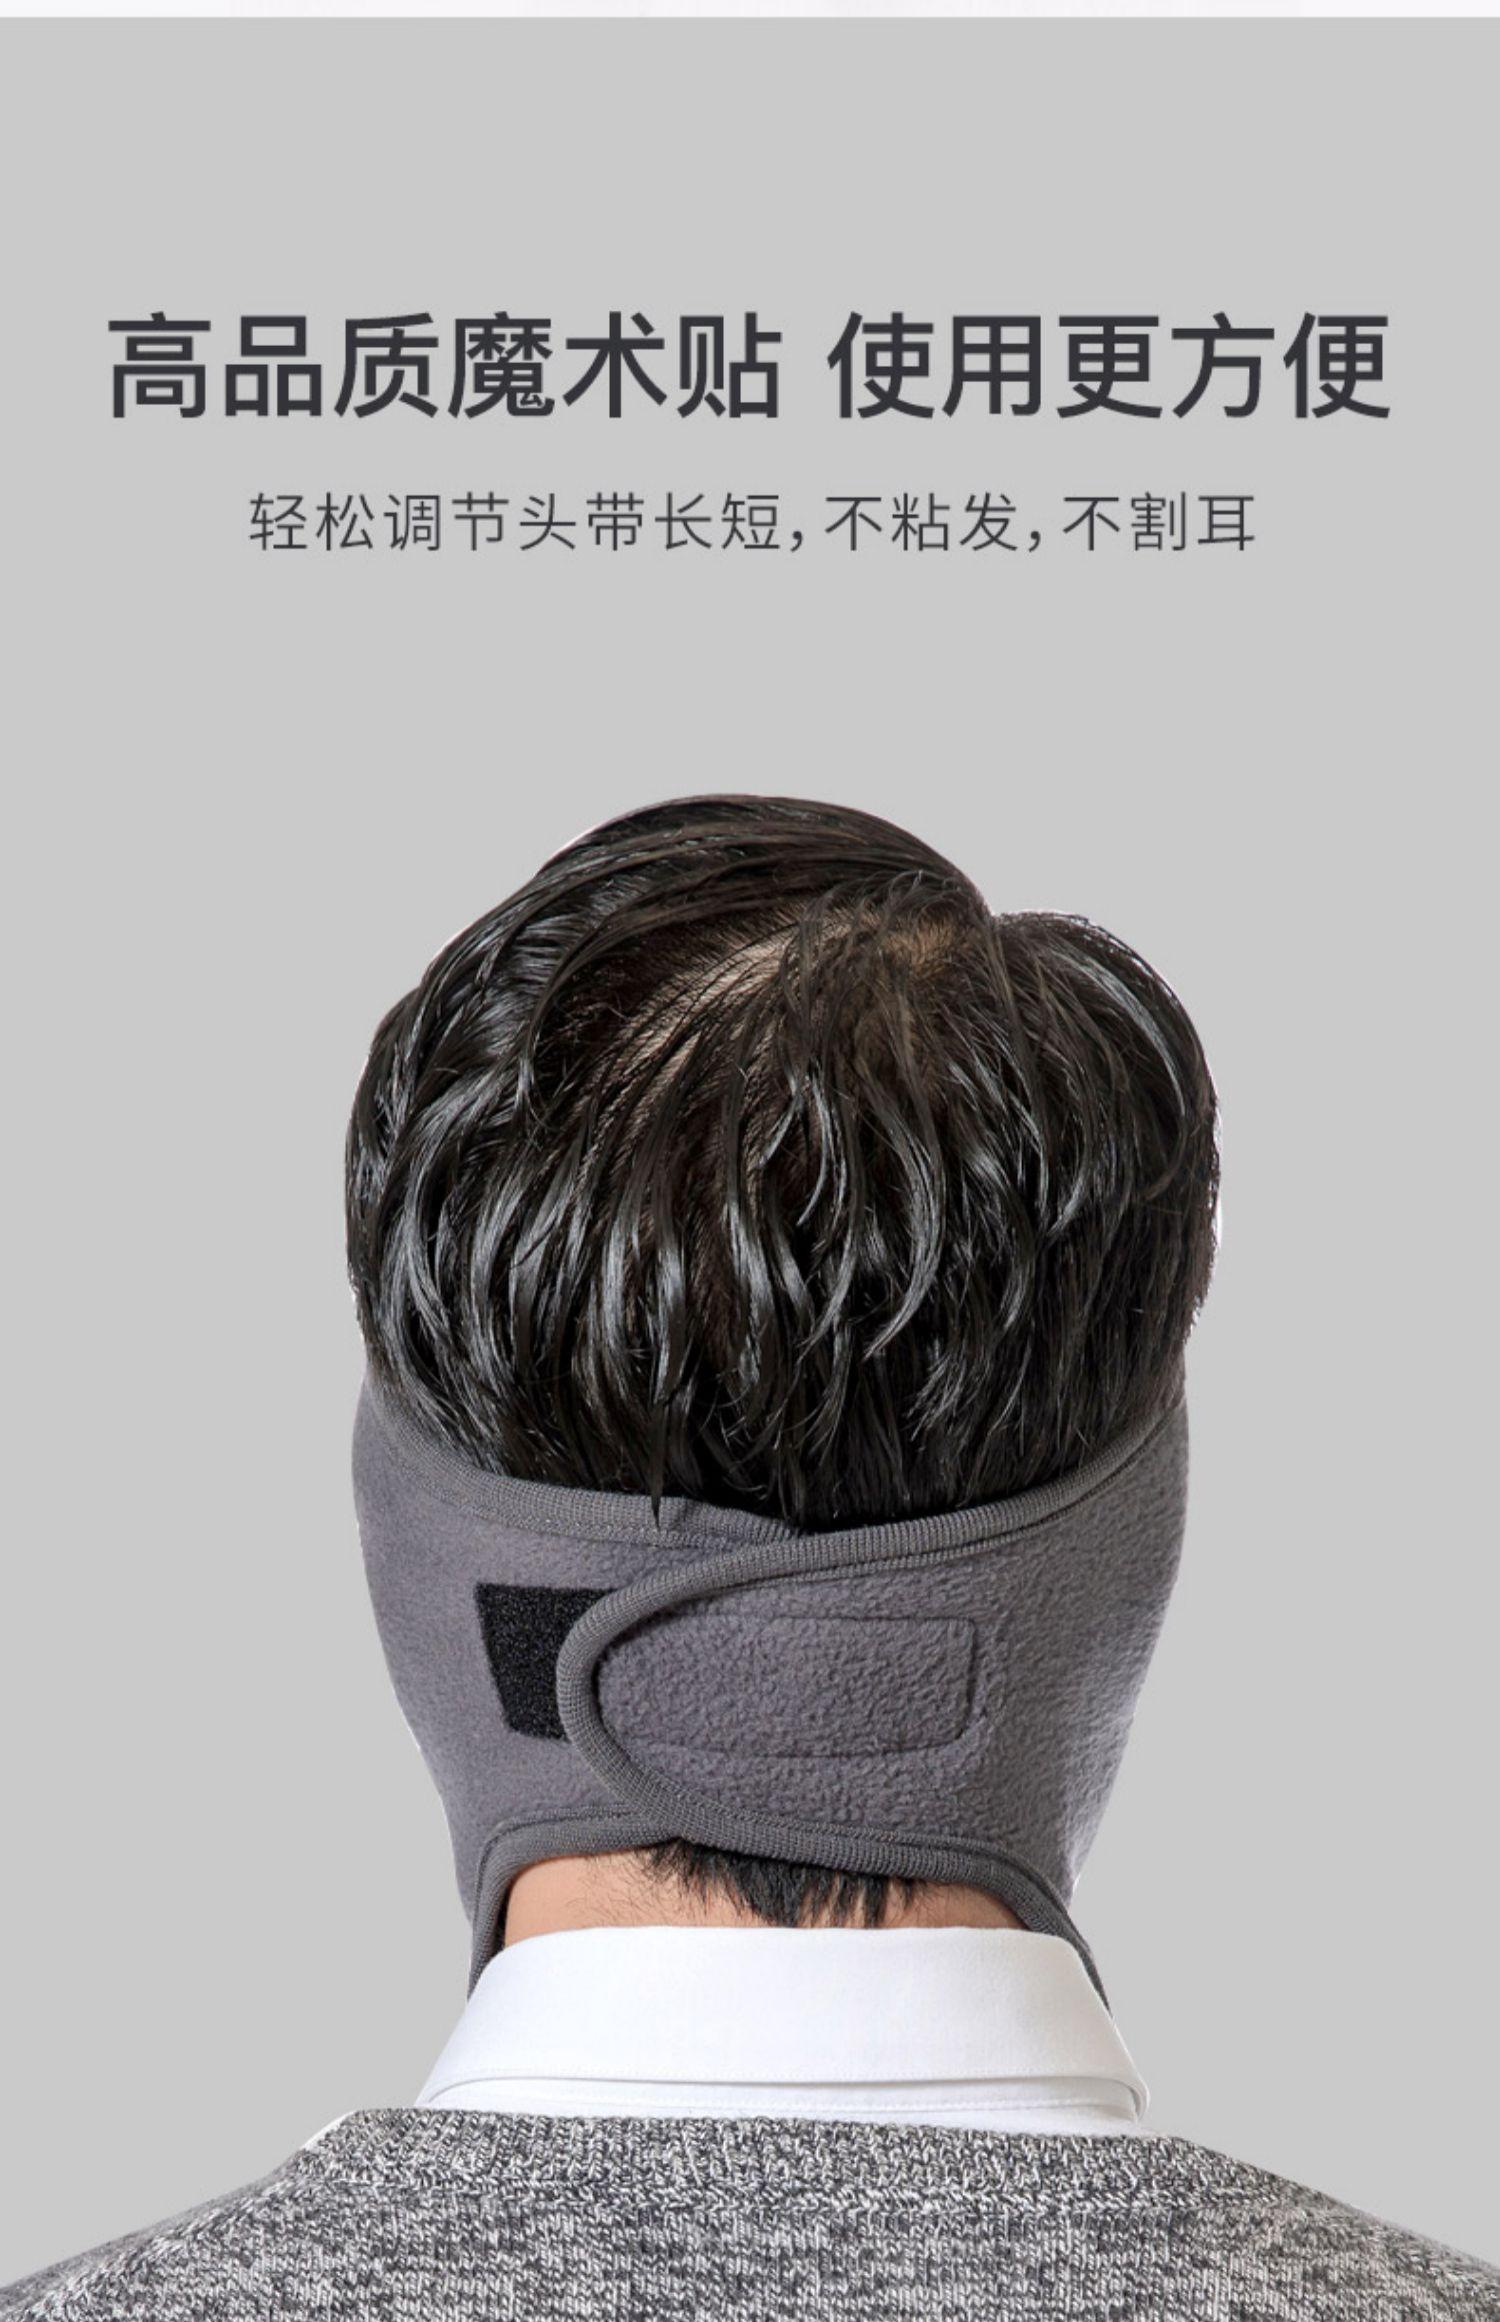 冬季口罩防尘透气女男冬天防寒保暖骑车全脸面罩骑行耳罩防风口造商品详情图